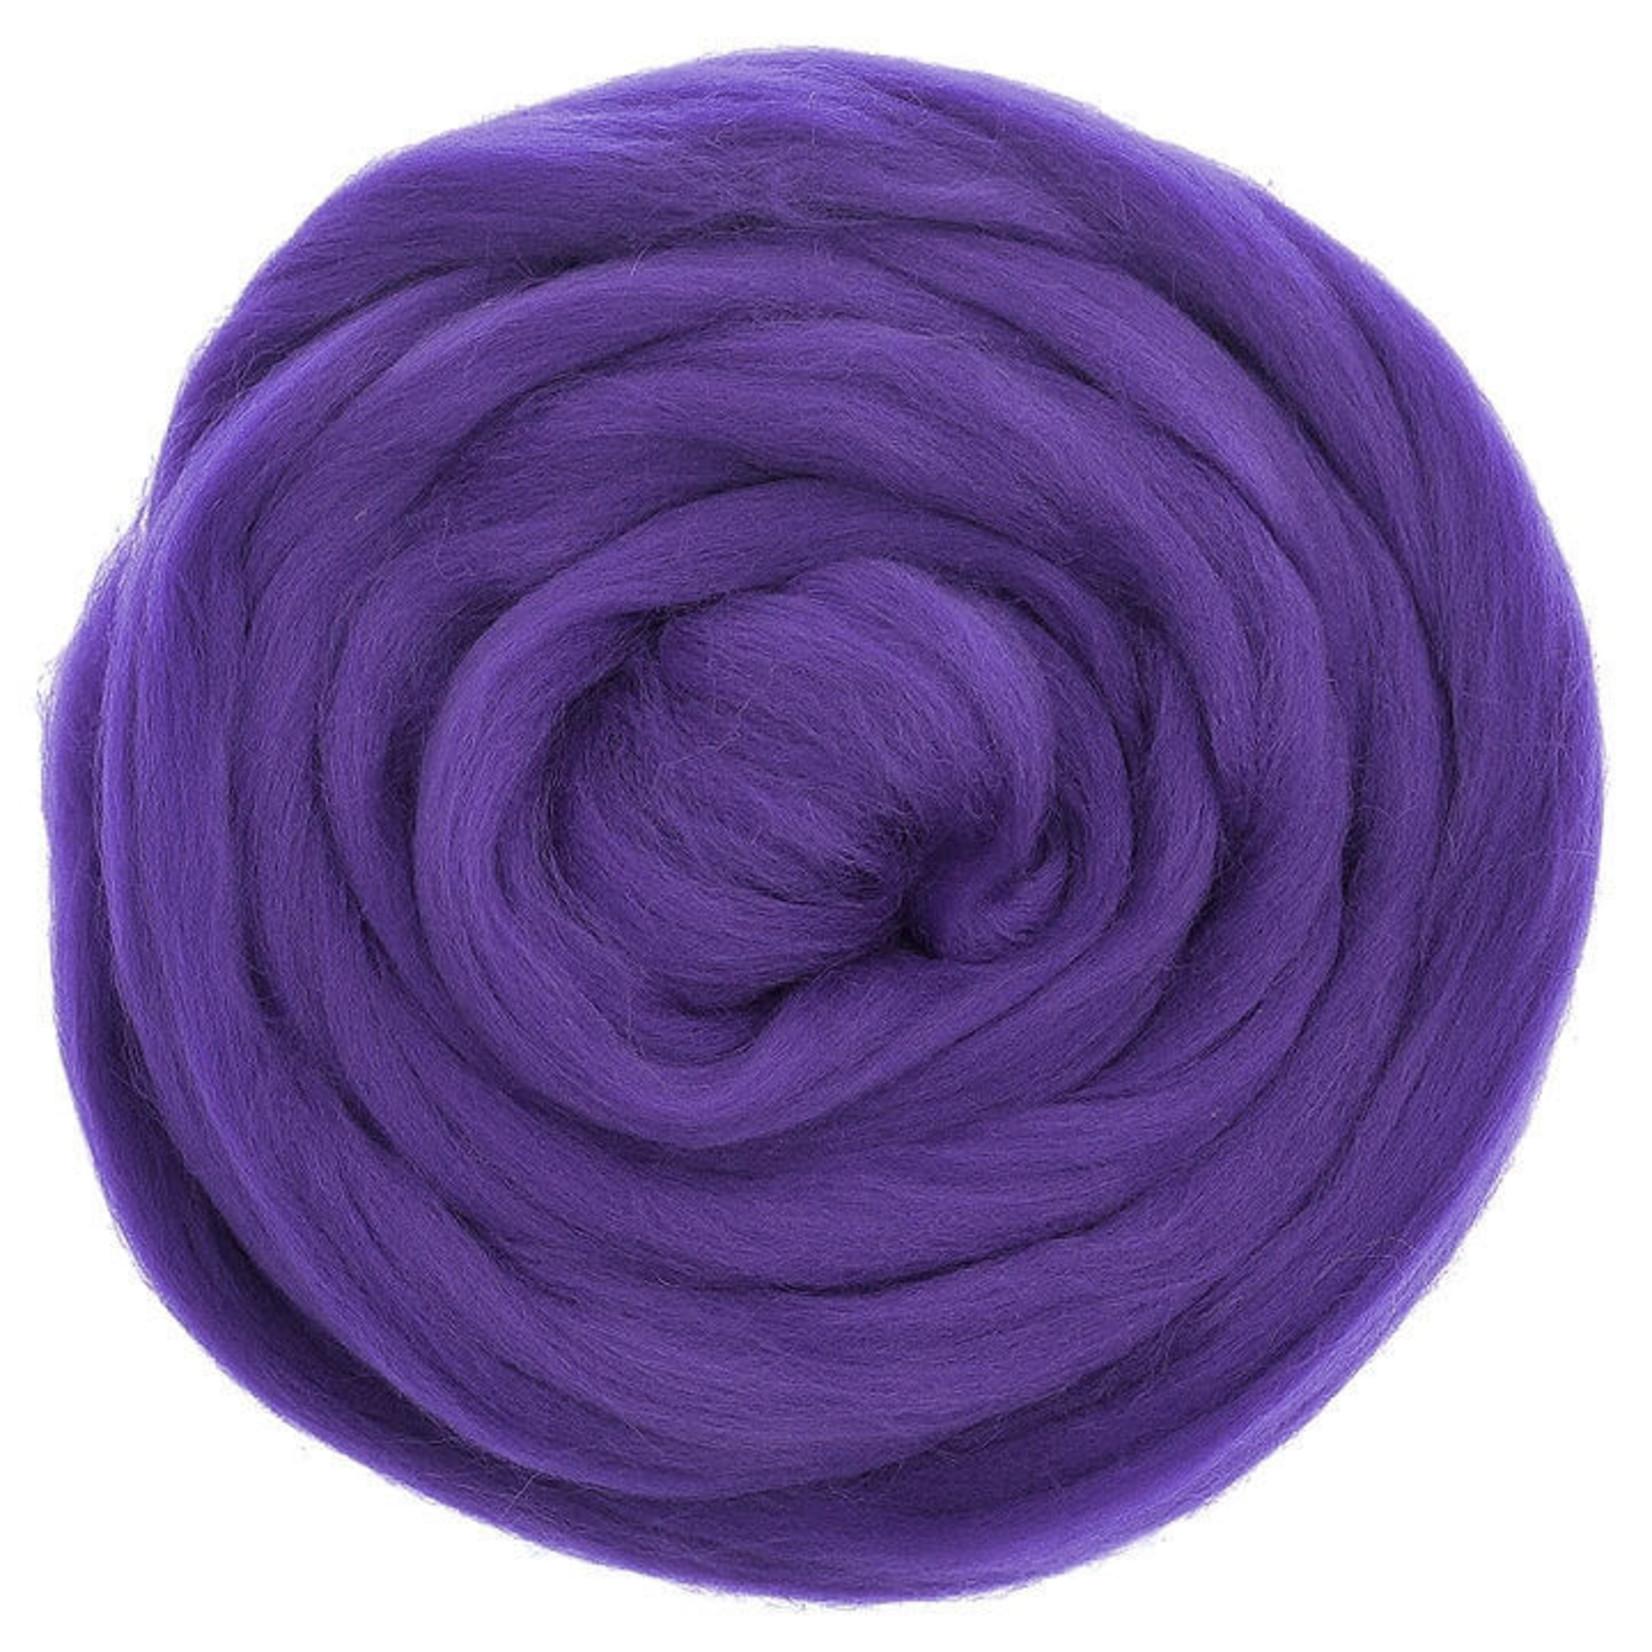 Meervilt Lontwol Merino EU - 667 Violet - 50 gr.